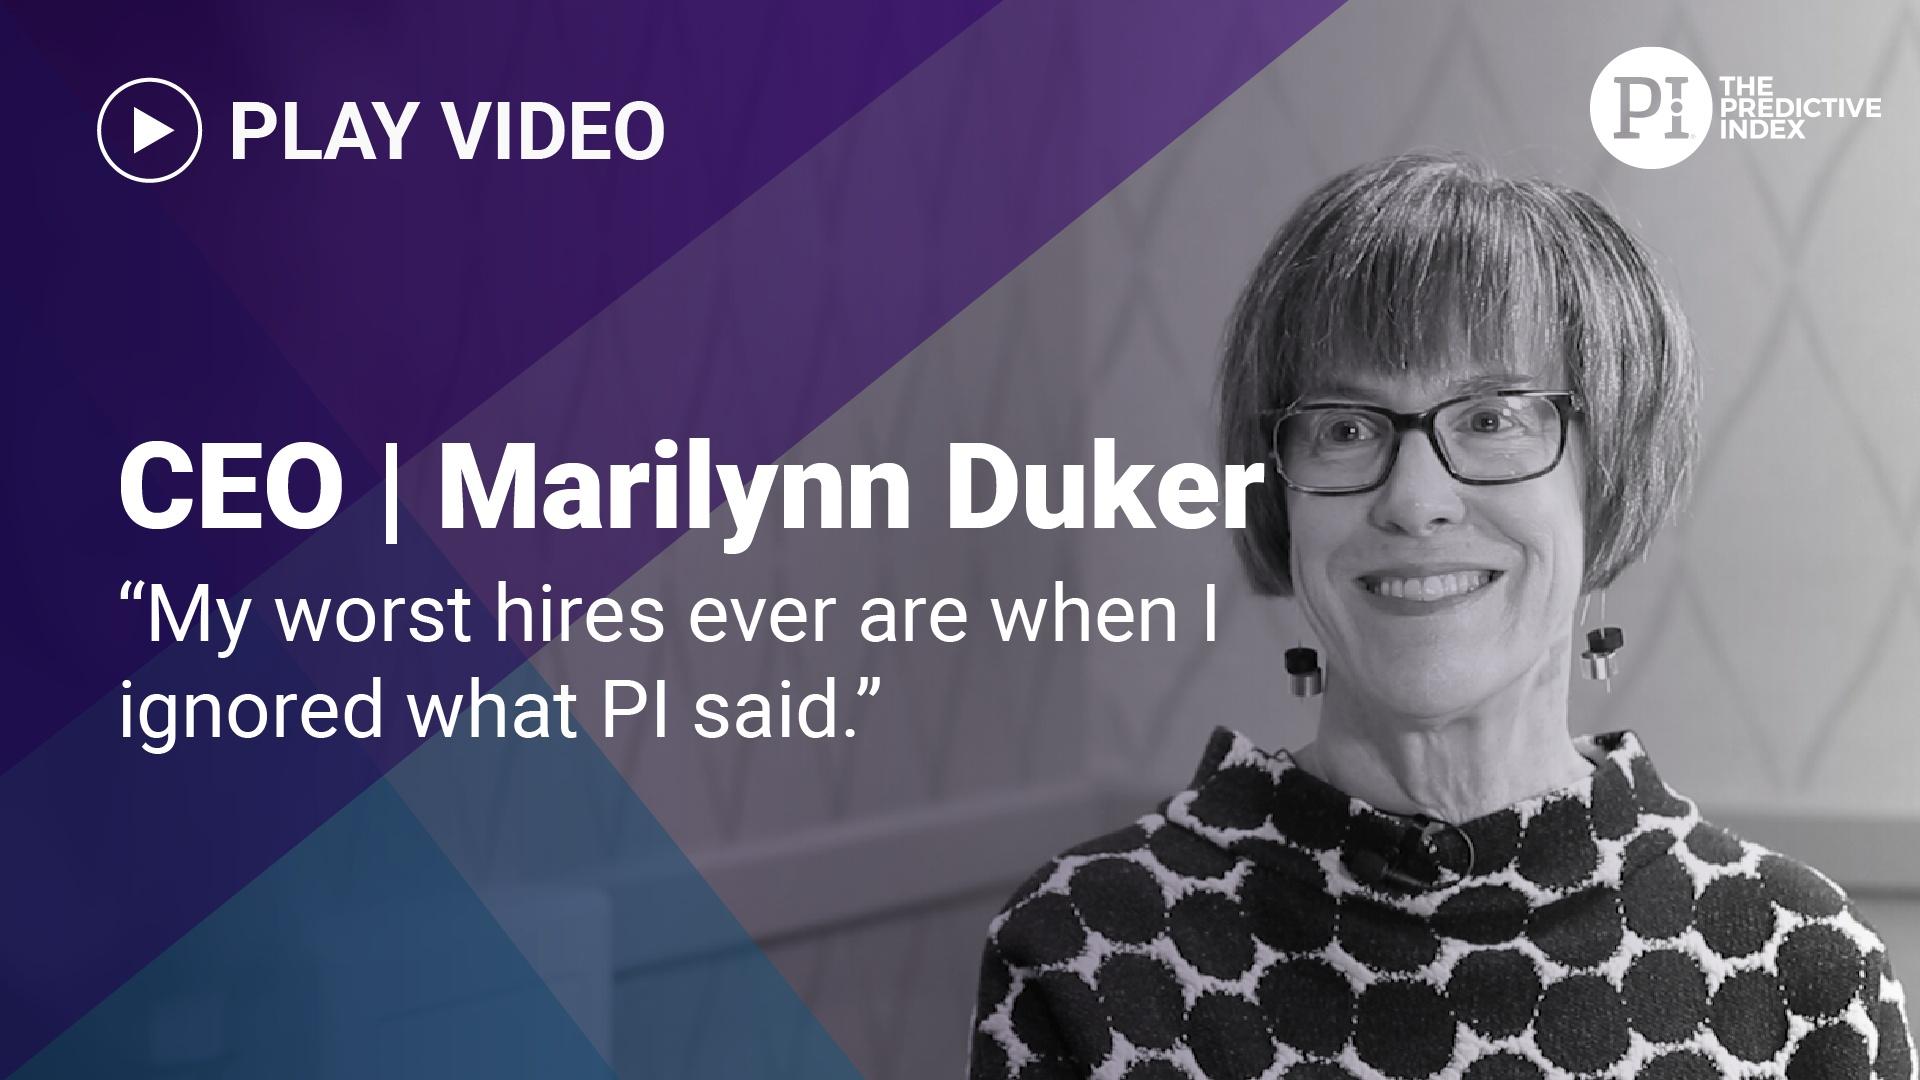 Marilynn Duker on using PI for hiring